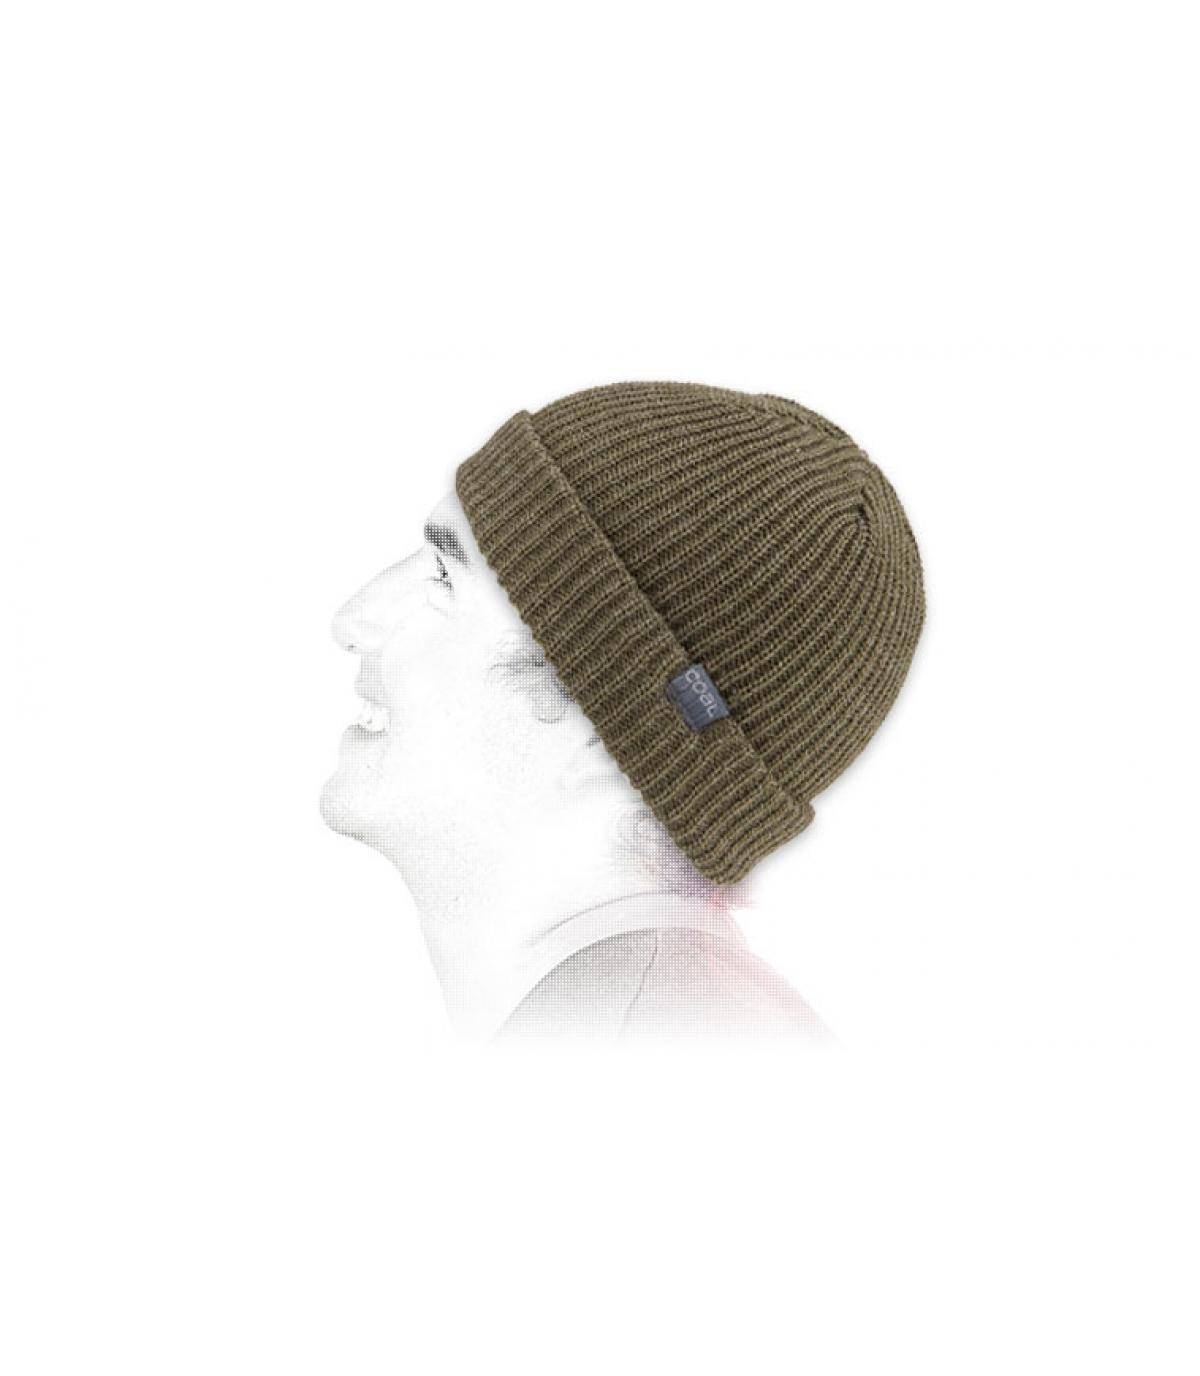 Mütze mit Rand einfarbig grün